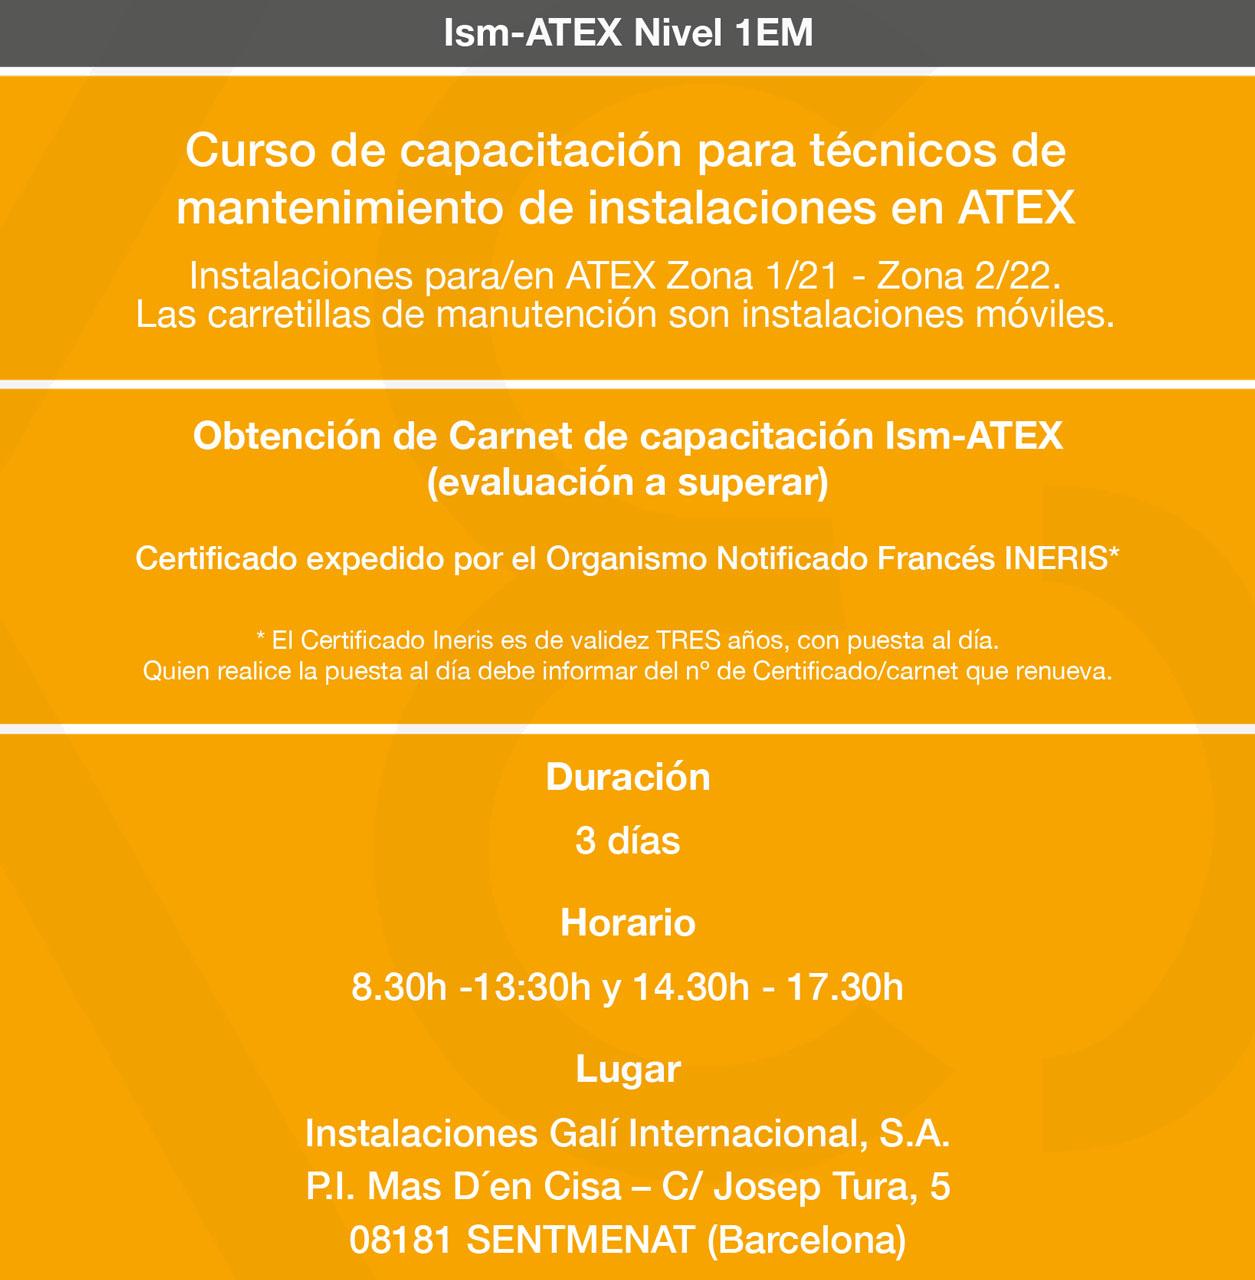 Datos curso formación ATEX Gali Internacional 2018